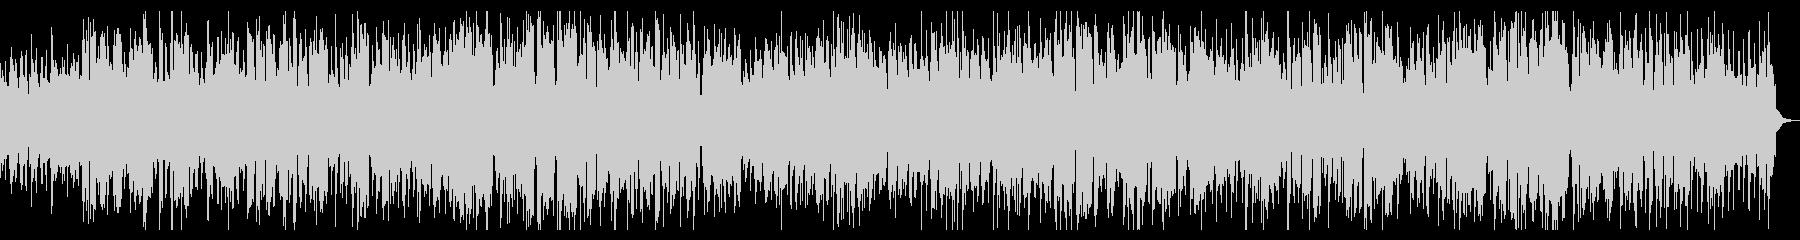 トランペットの明るいジャズバラードの未再生の波形